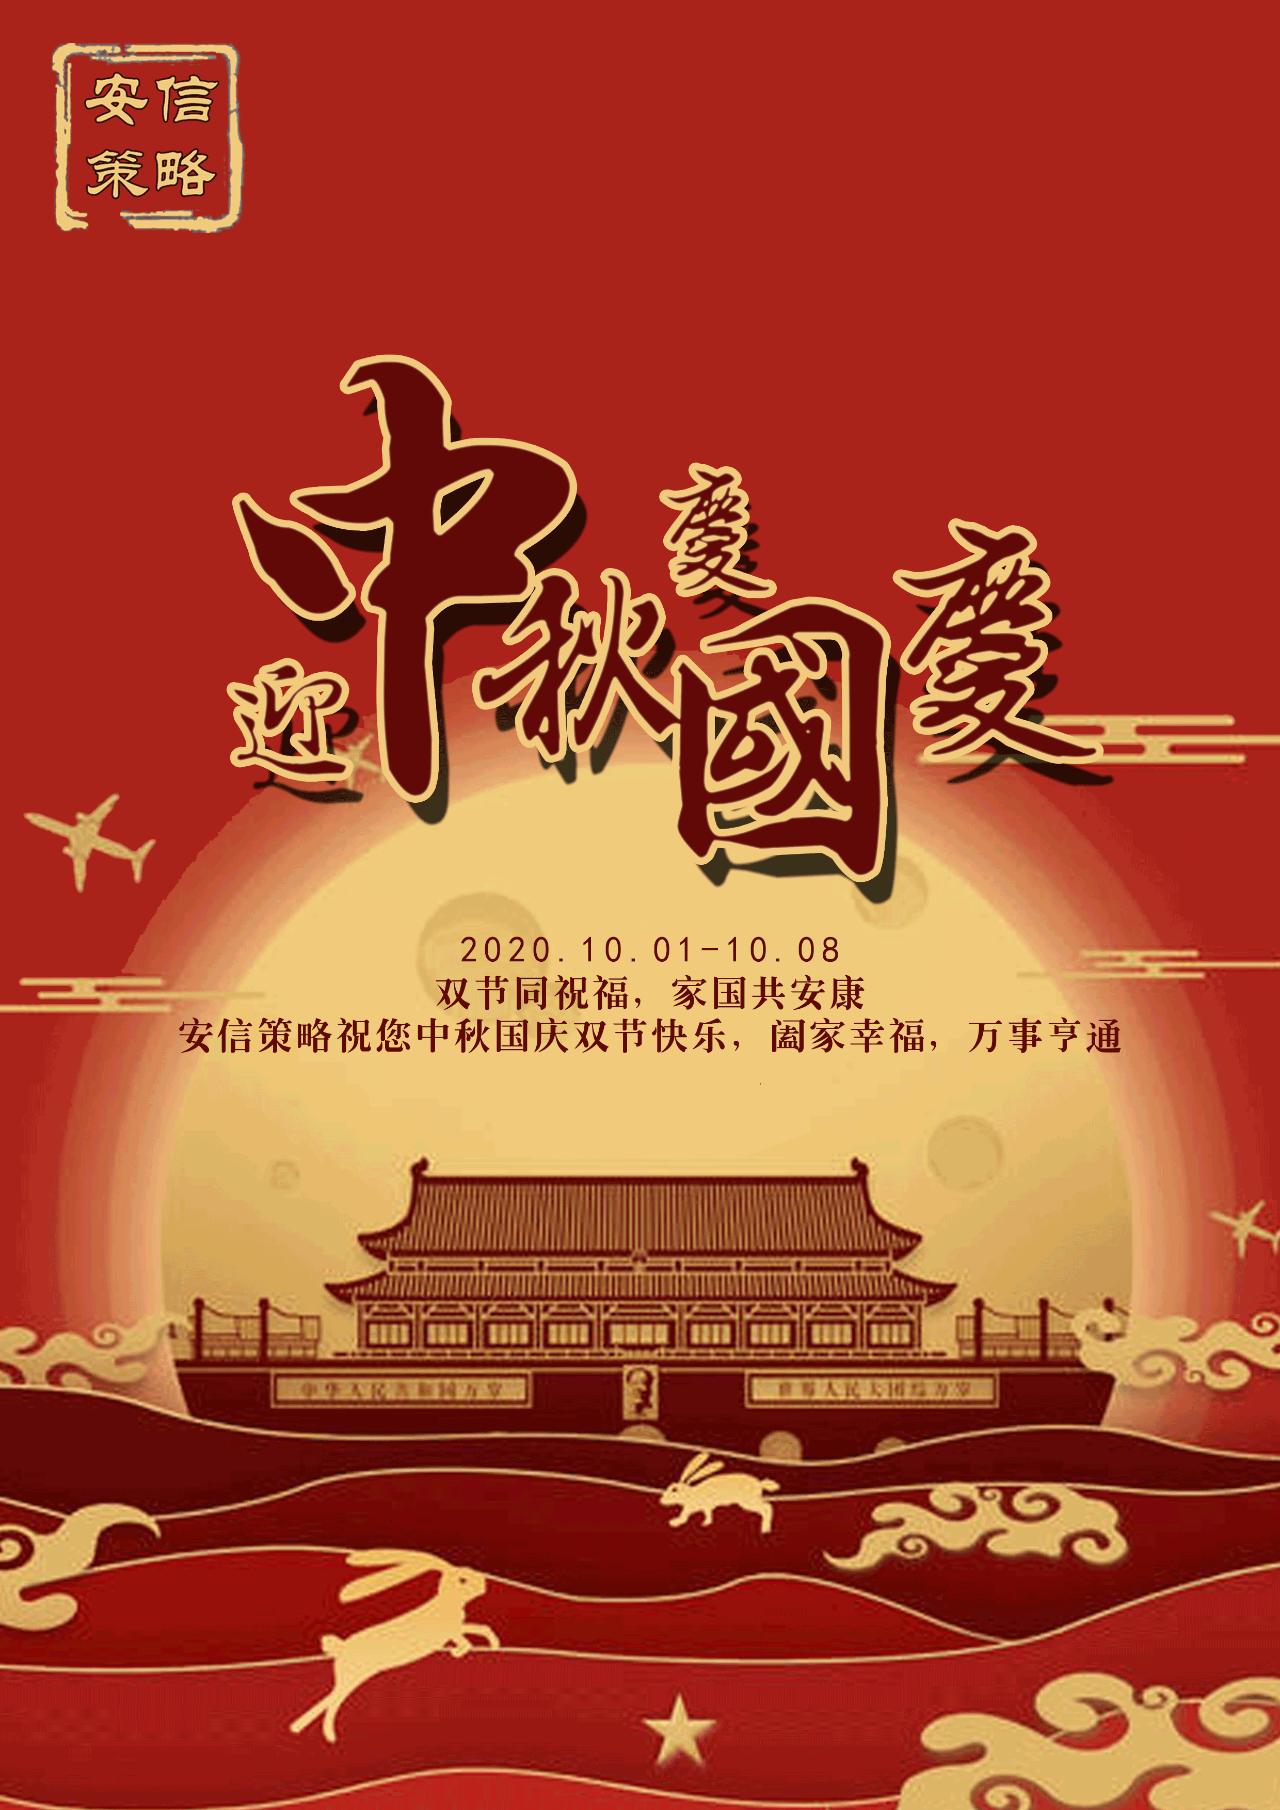 安信策略祝您中秋国庆双节快乐,阖家幸福,万事亨通!